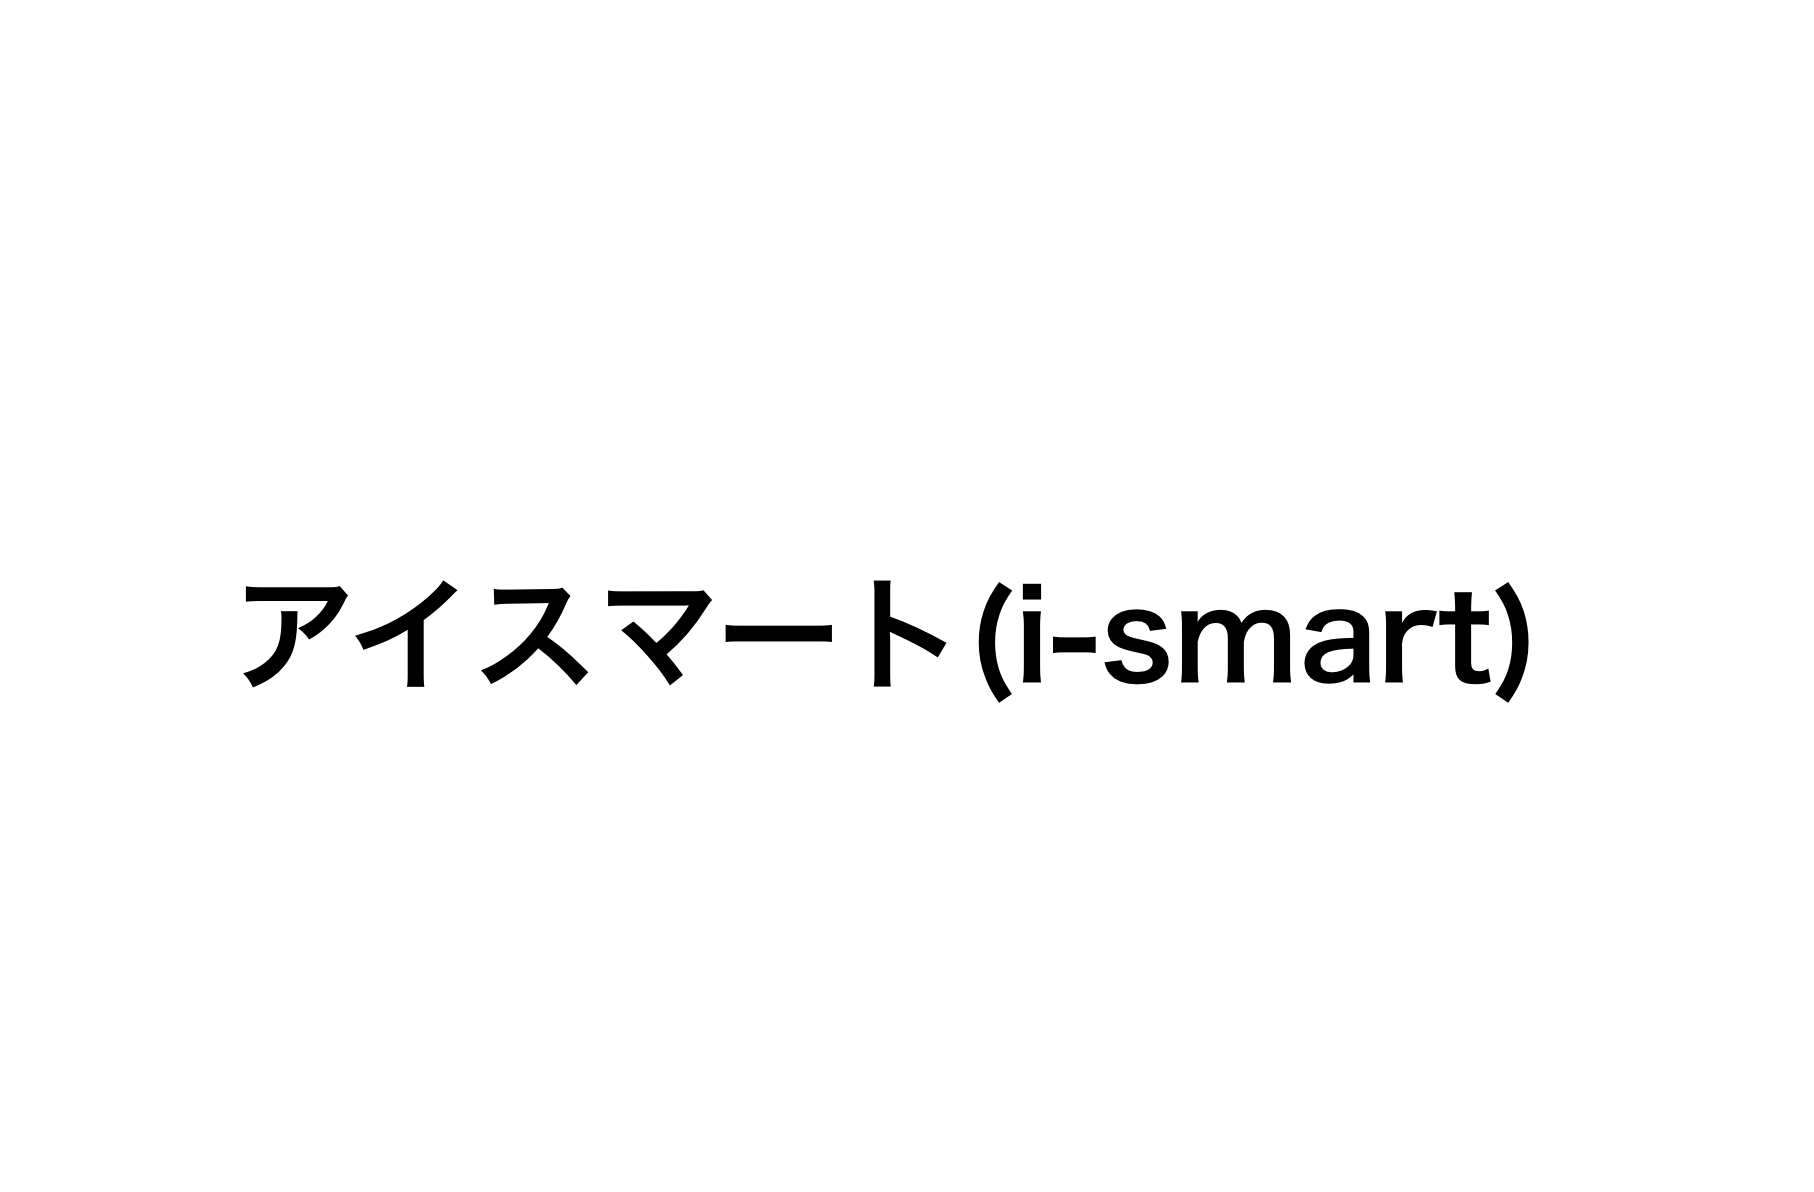 アイスマート(i-smart) 一条工務店 注文住宅